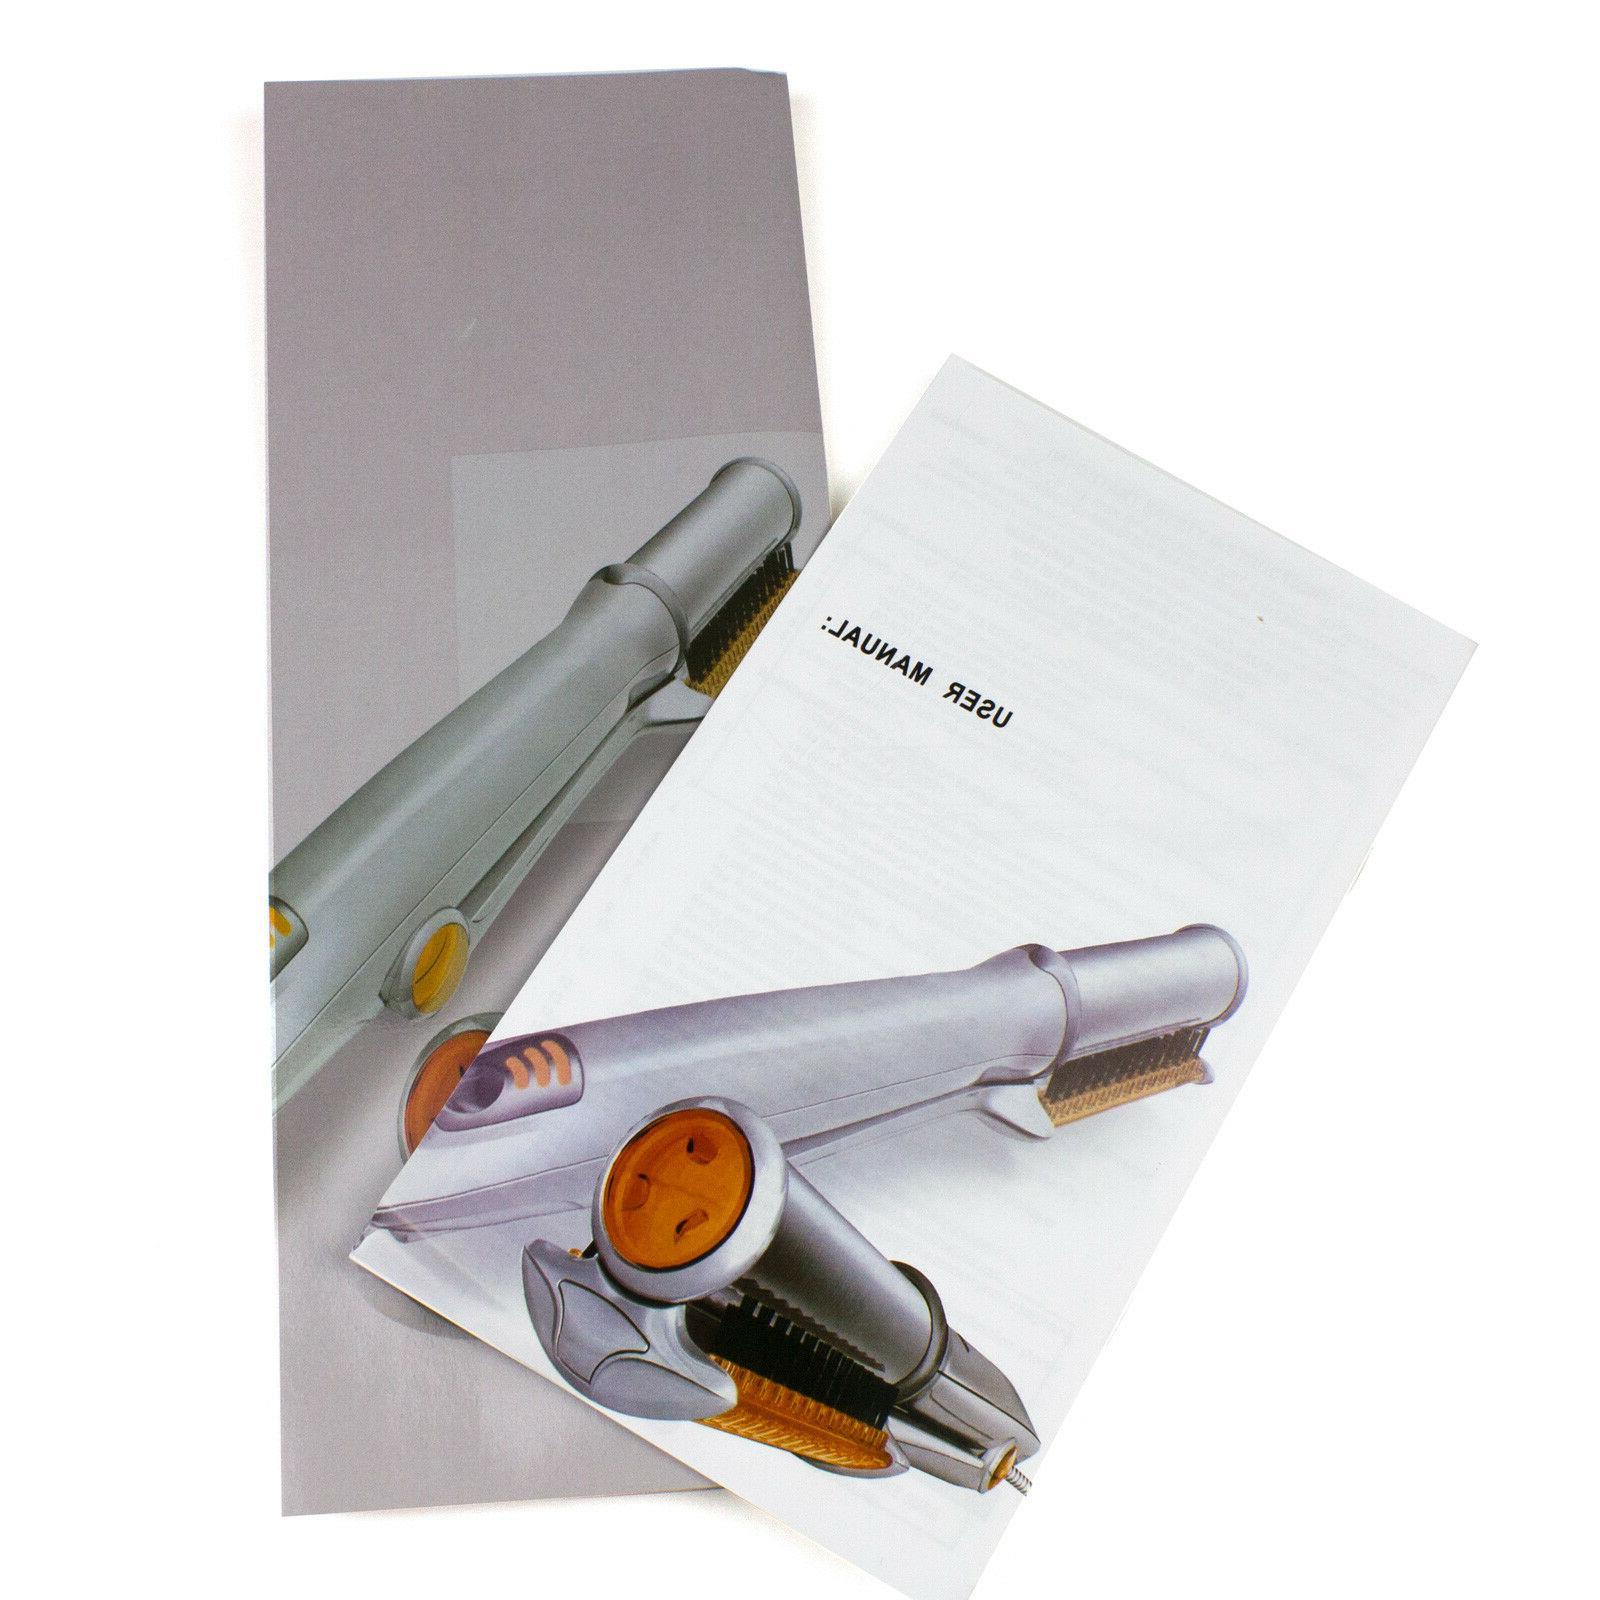 Professional Wet To Dry Rotating Iron Hair Brush Straightener